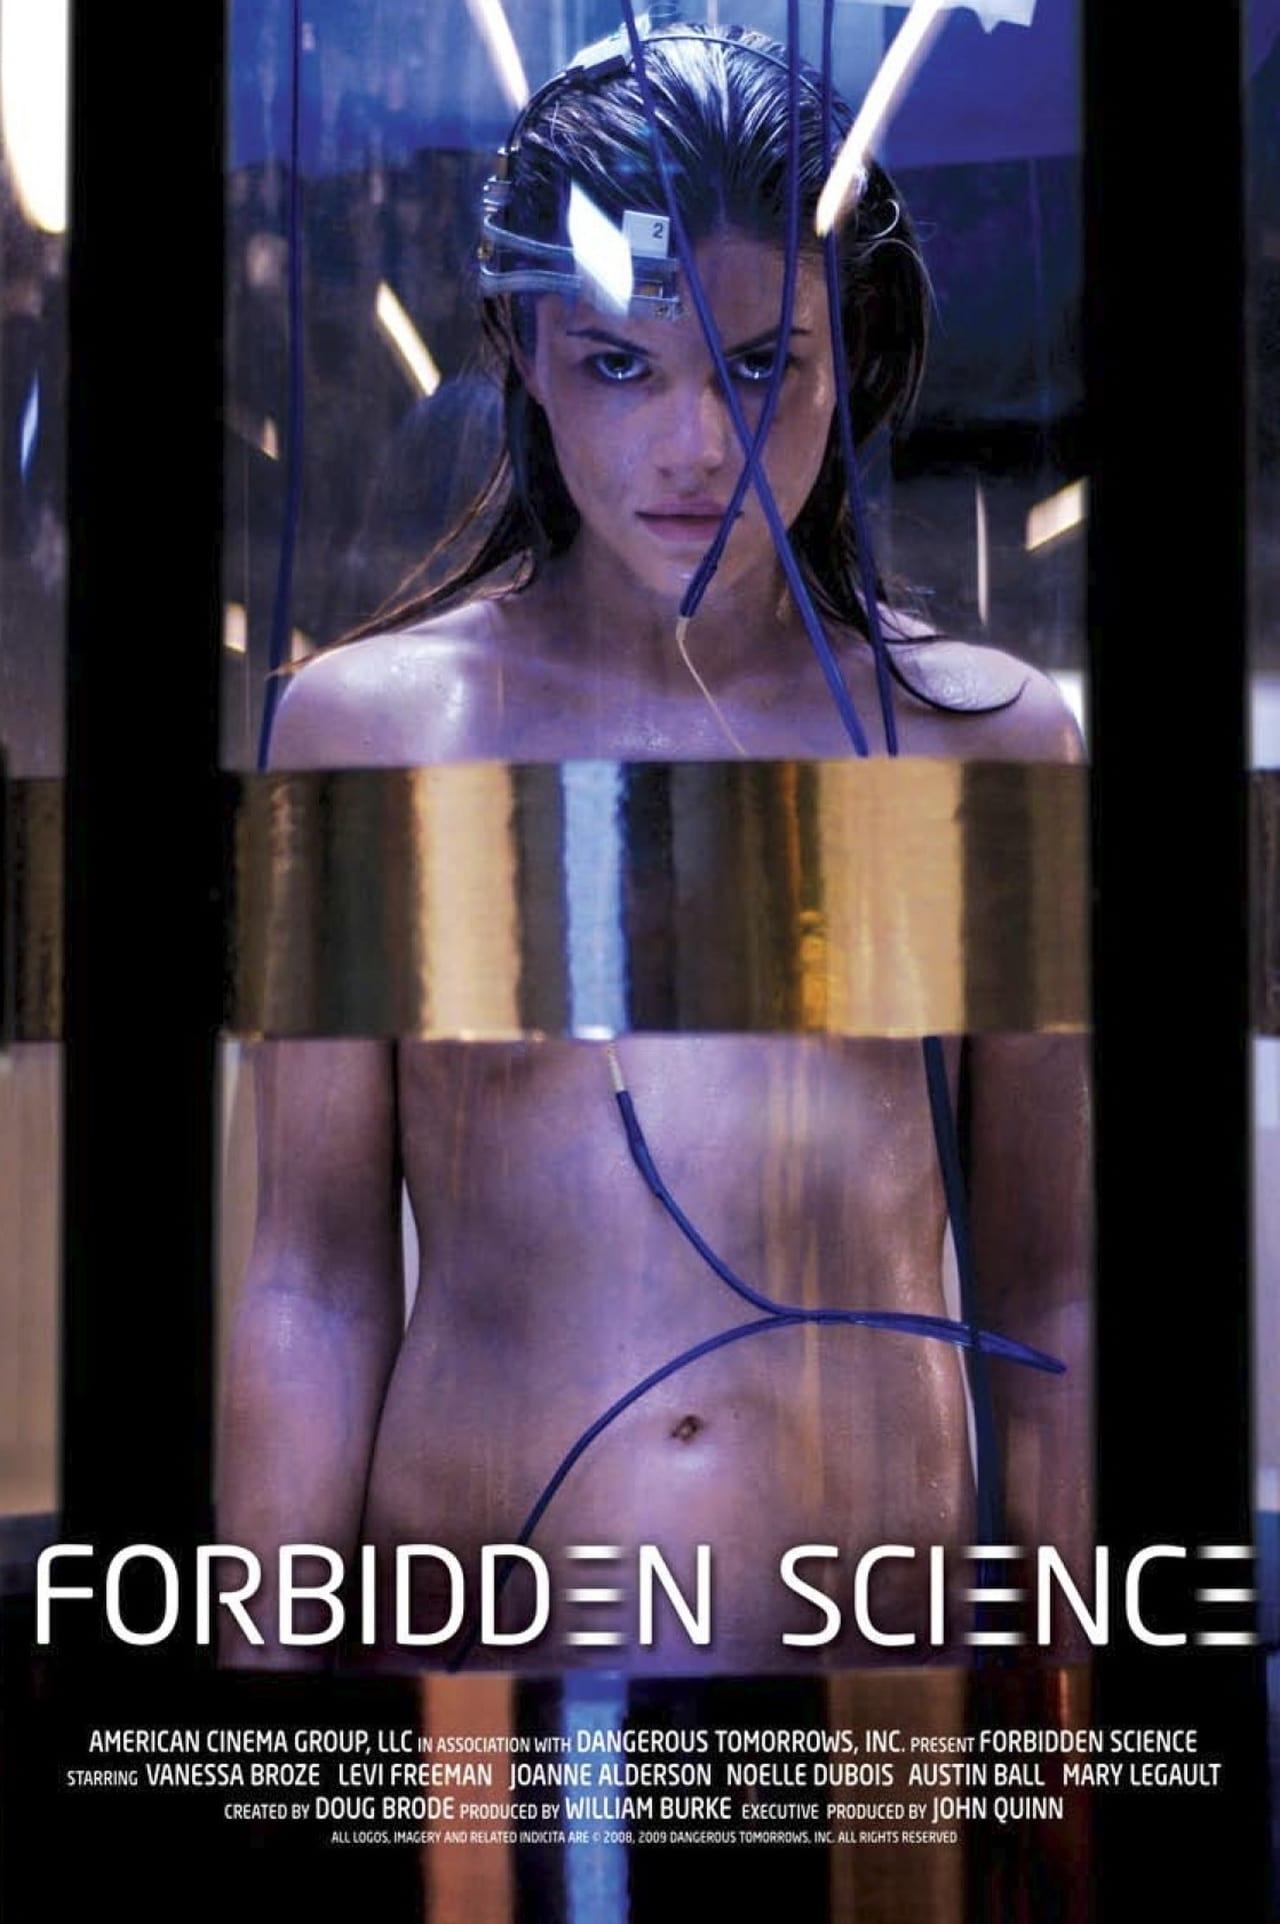 Forbidden Science